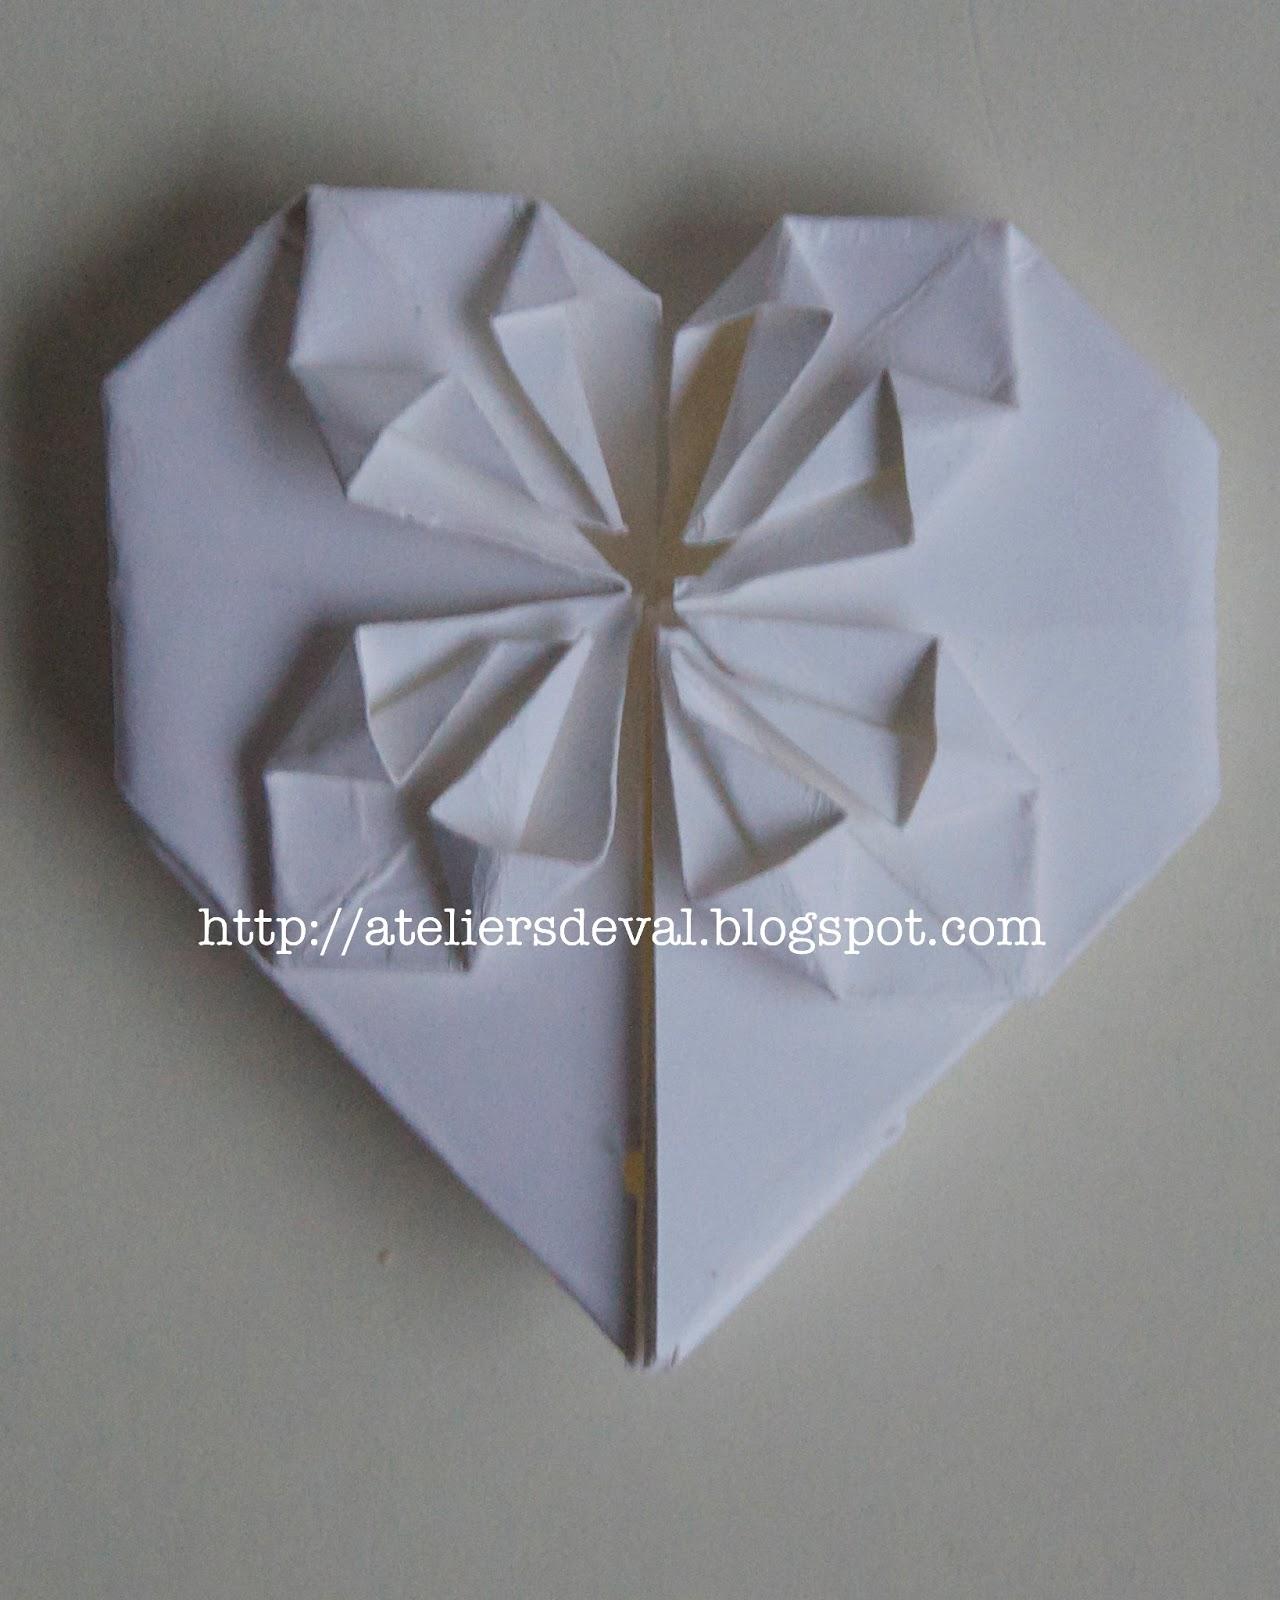 les ateliers de val faire part mariage origami. Black Bedroom Furniture Sets. Home Design Ideas